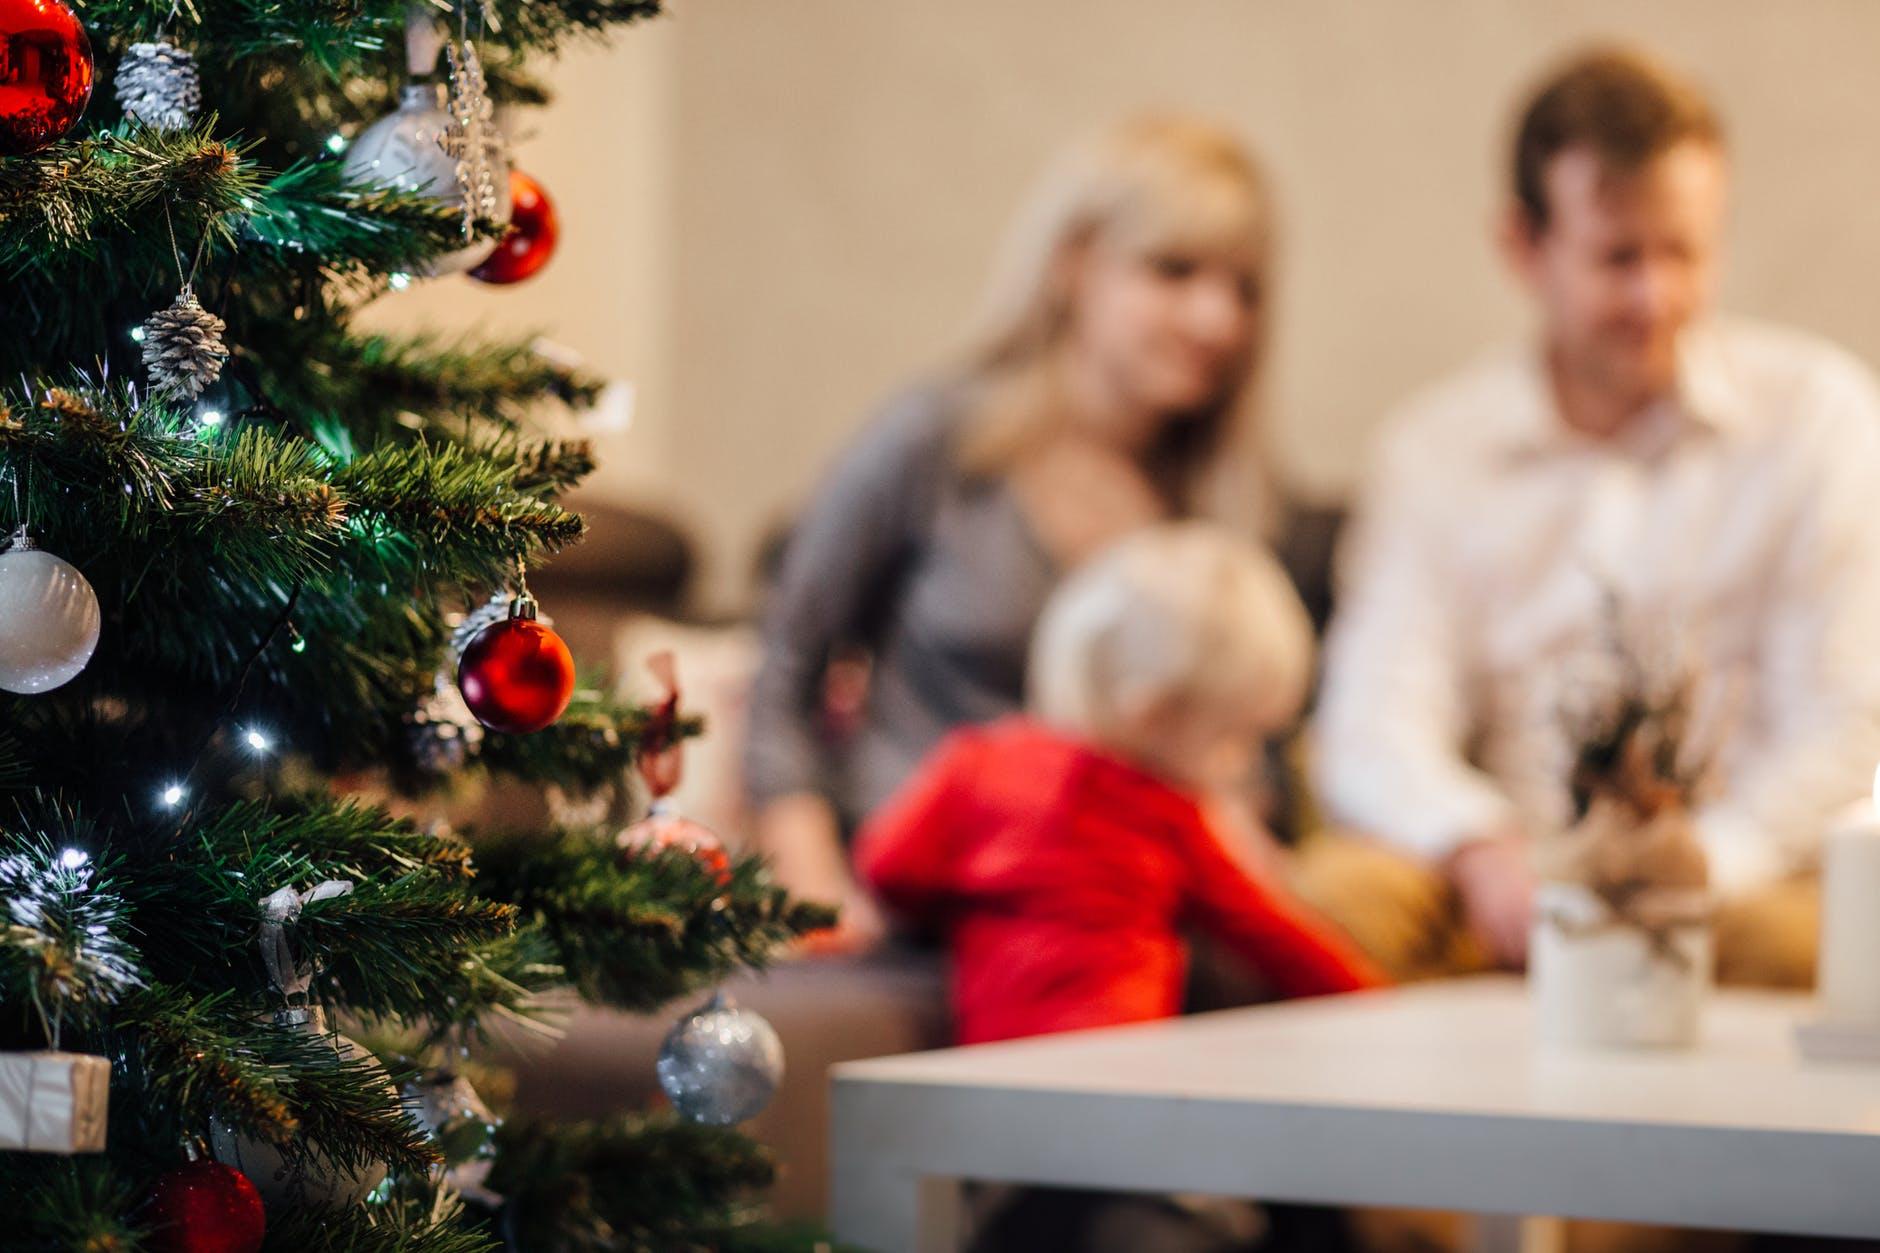 Najlepie dareky pre deti na Vianoce